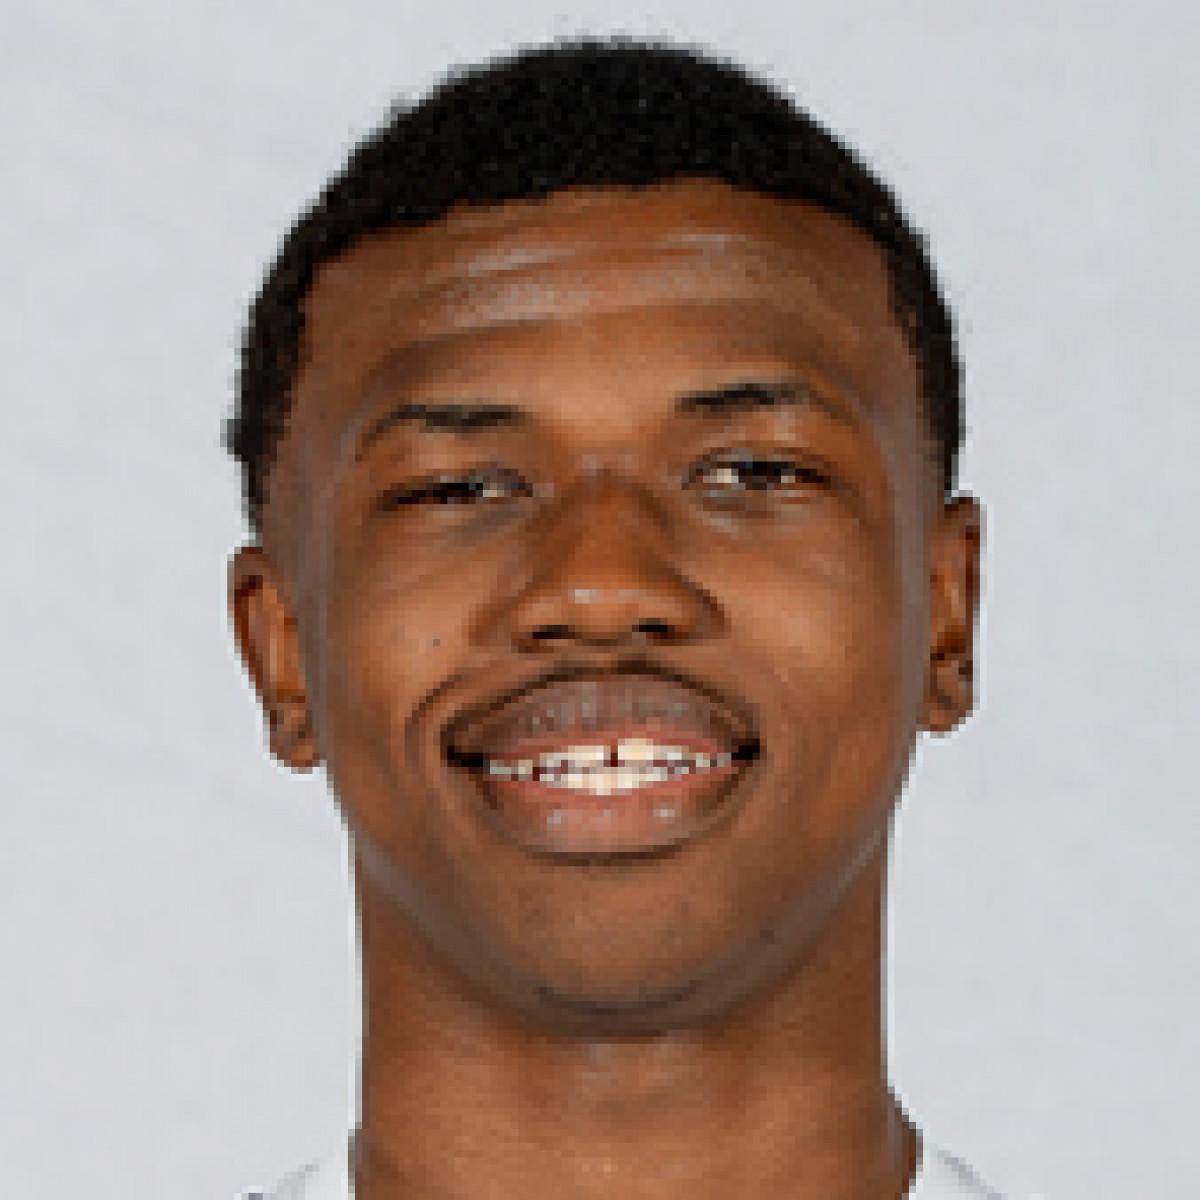 Emmanuel Adedoyin